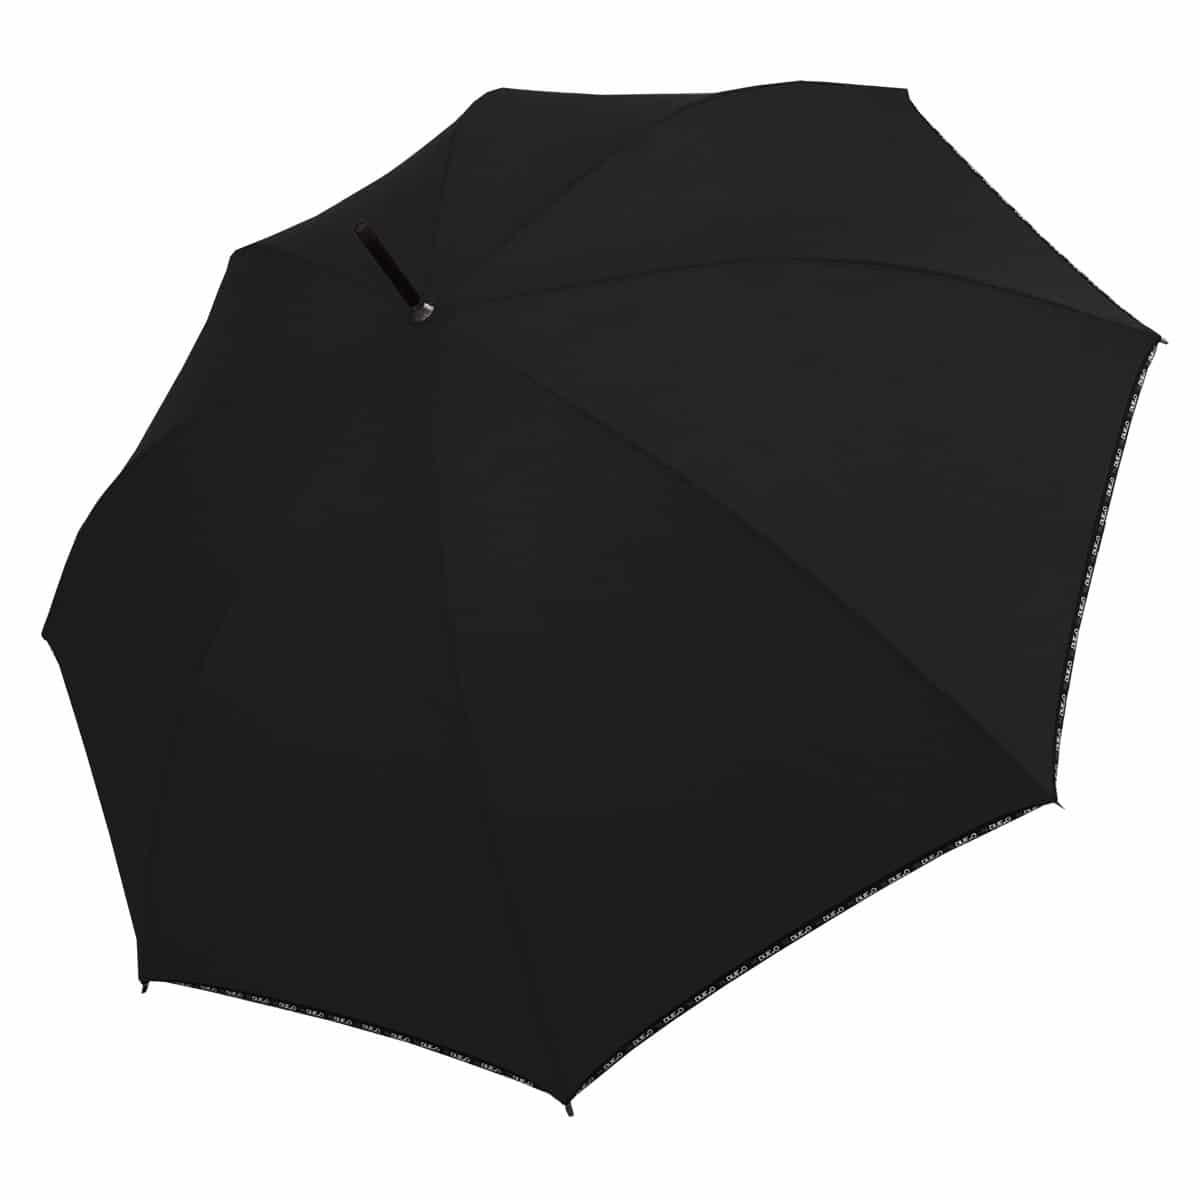 Ombrello H-400 nero aperto - H.2.O